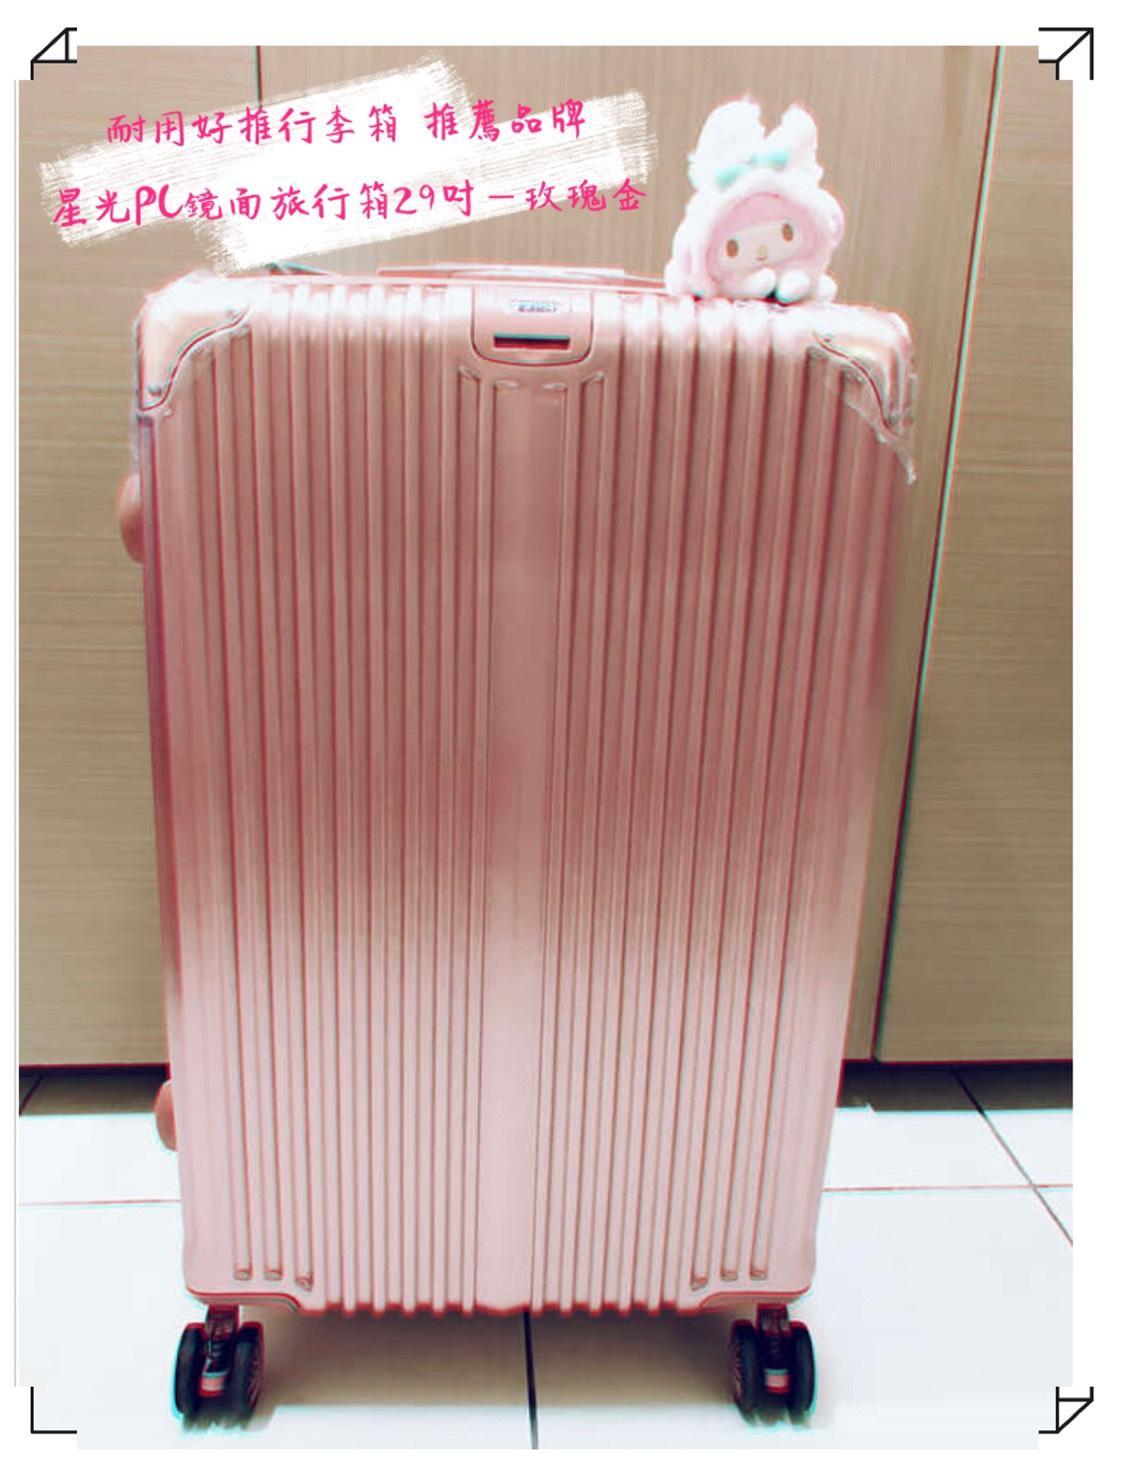 行李箱 推薦品牌